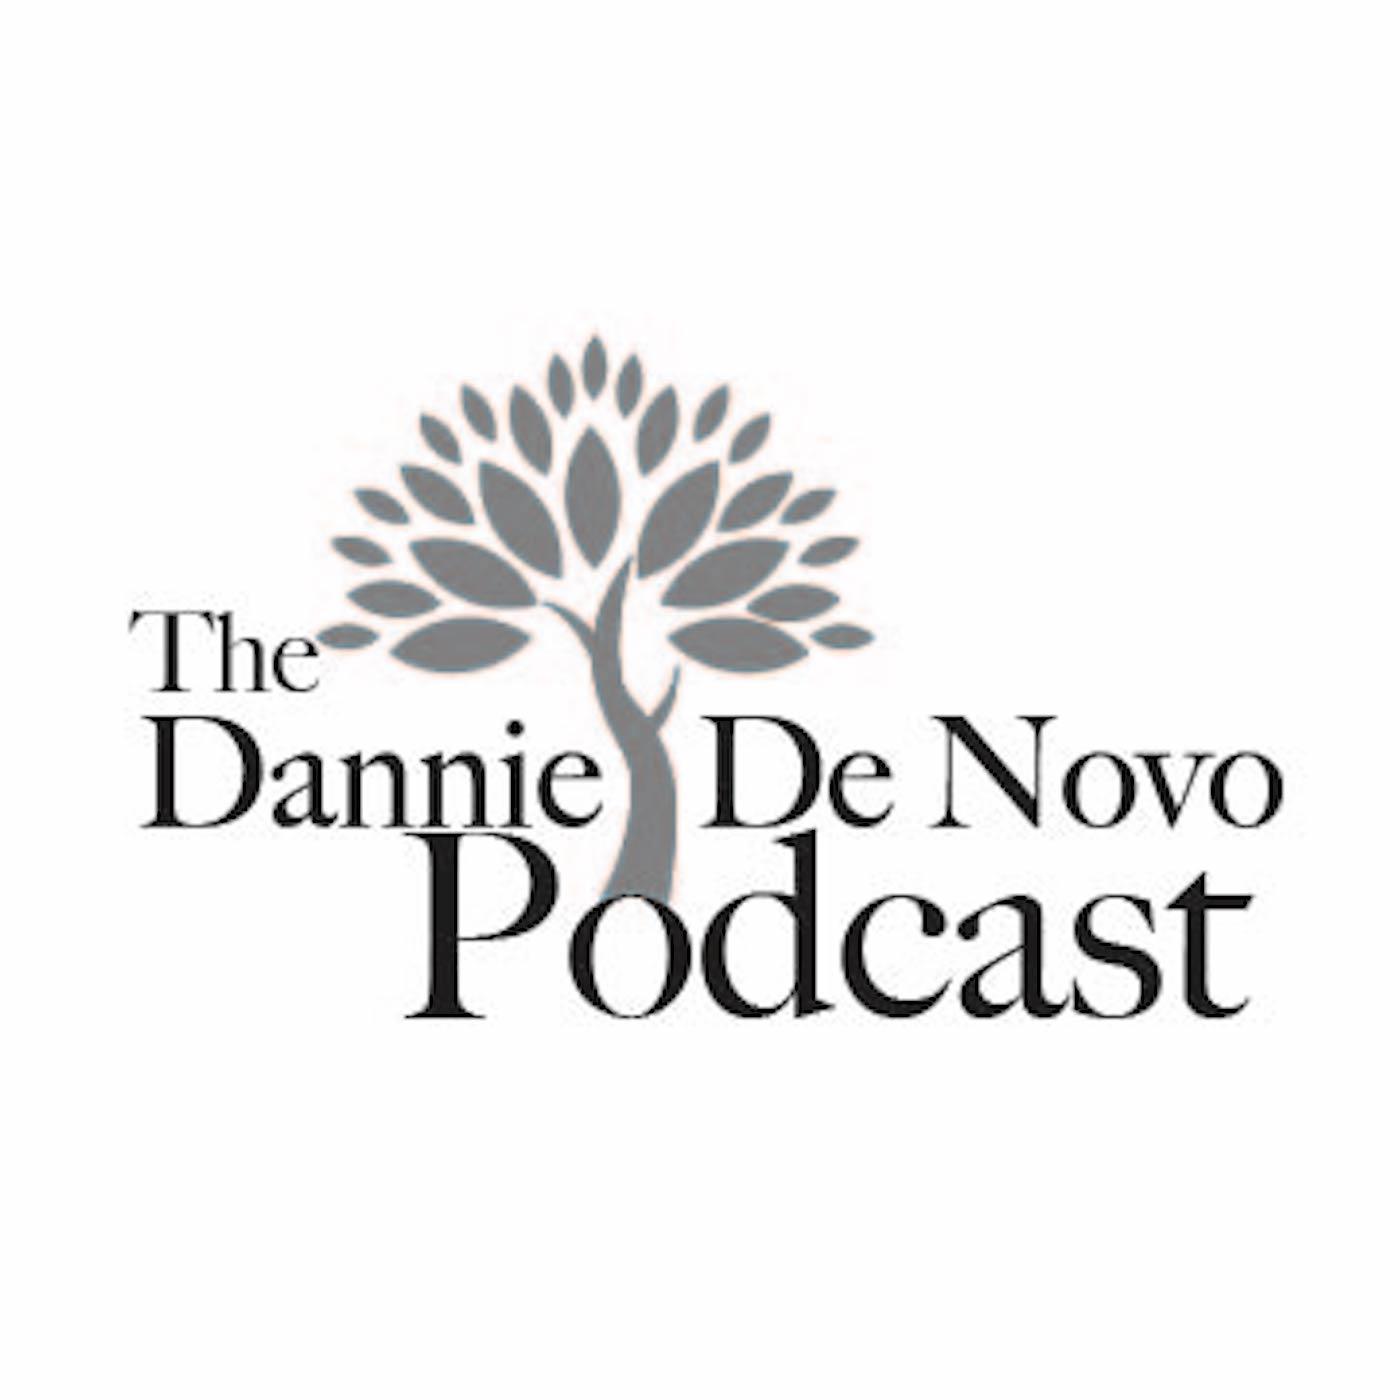 The Dannie De Novo  Podcast show art